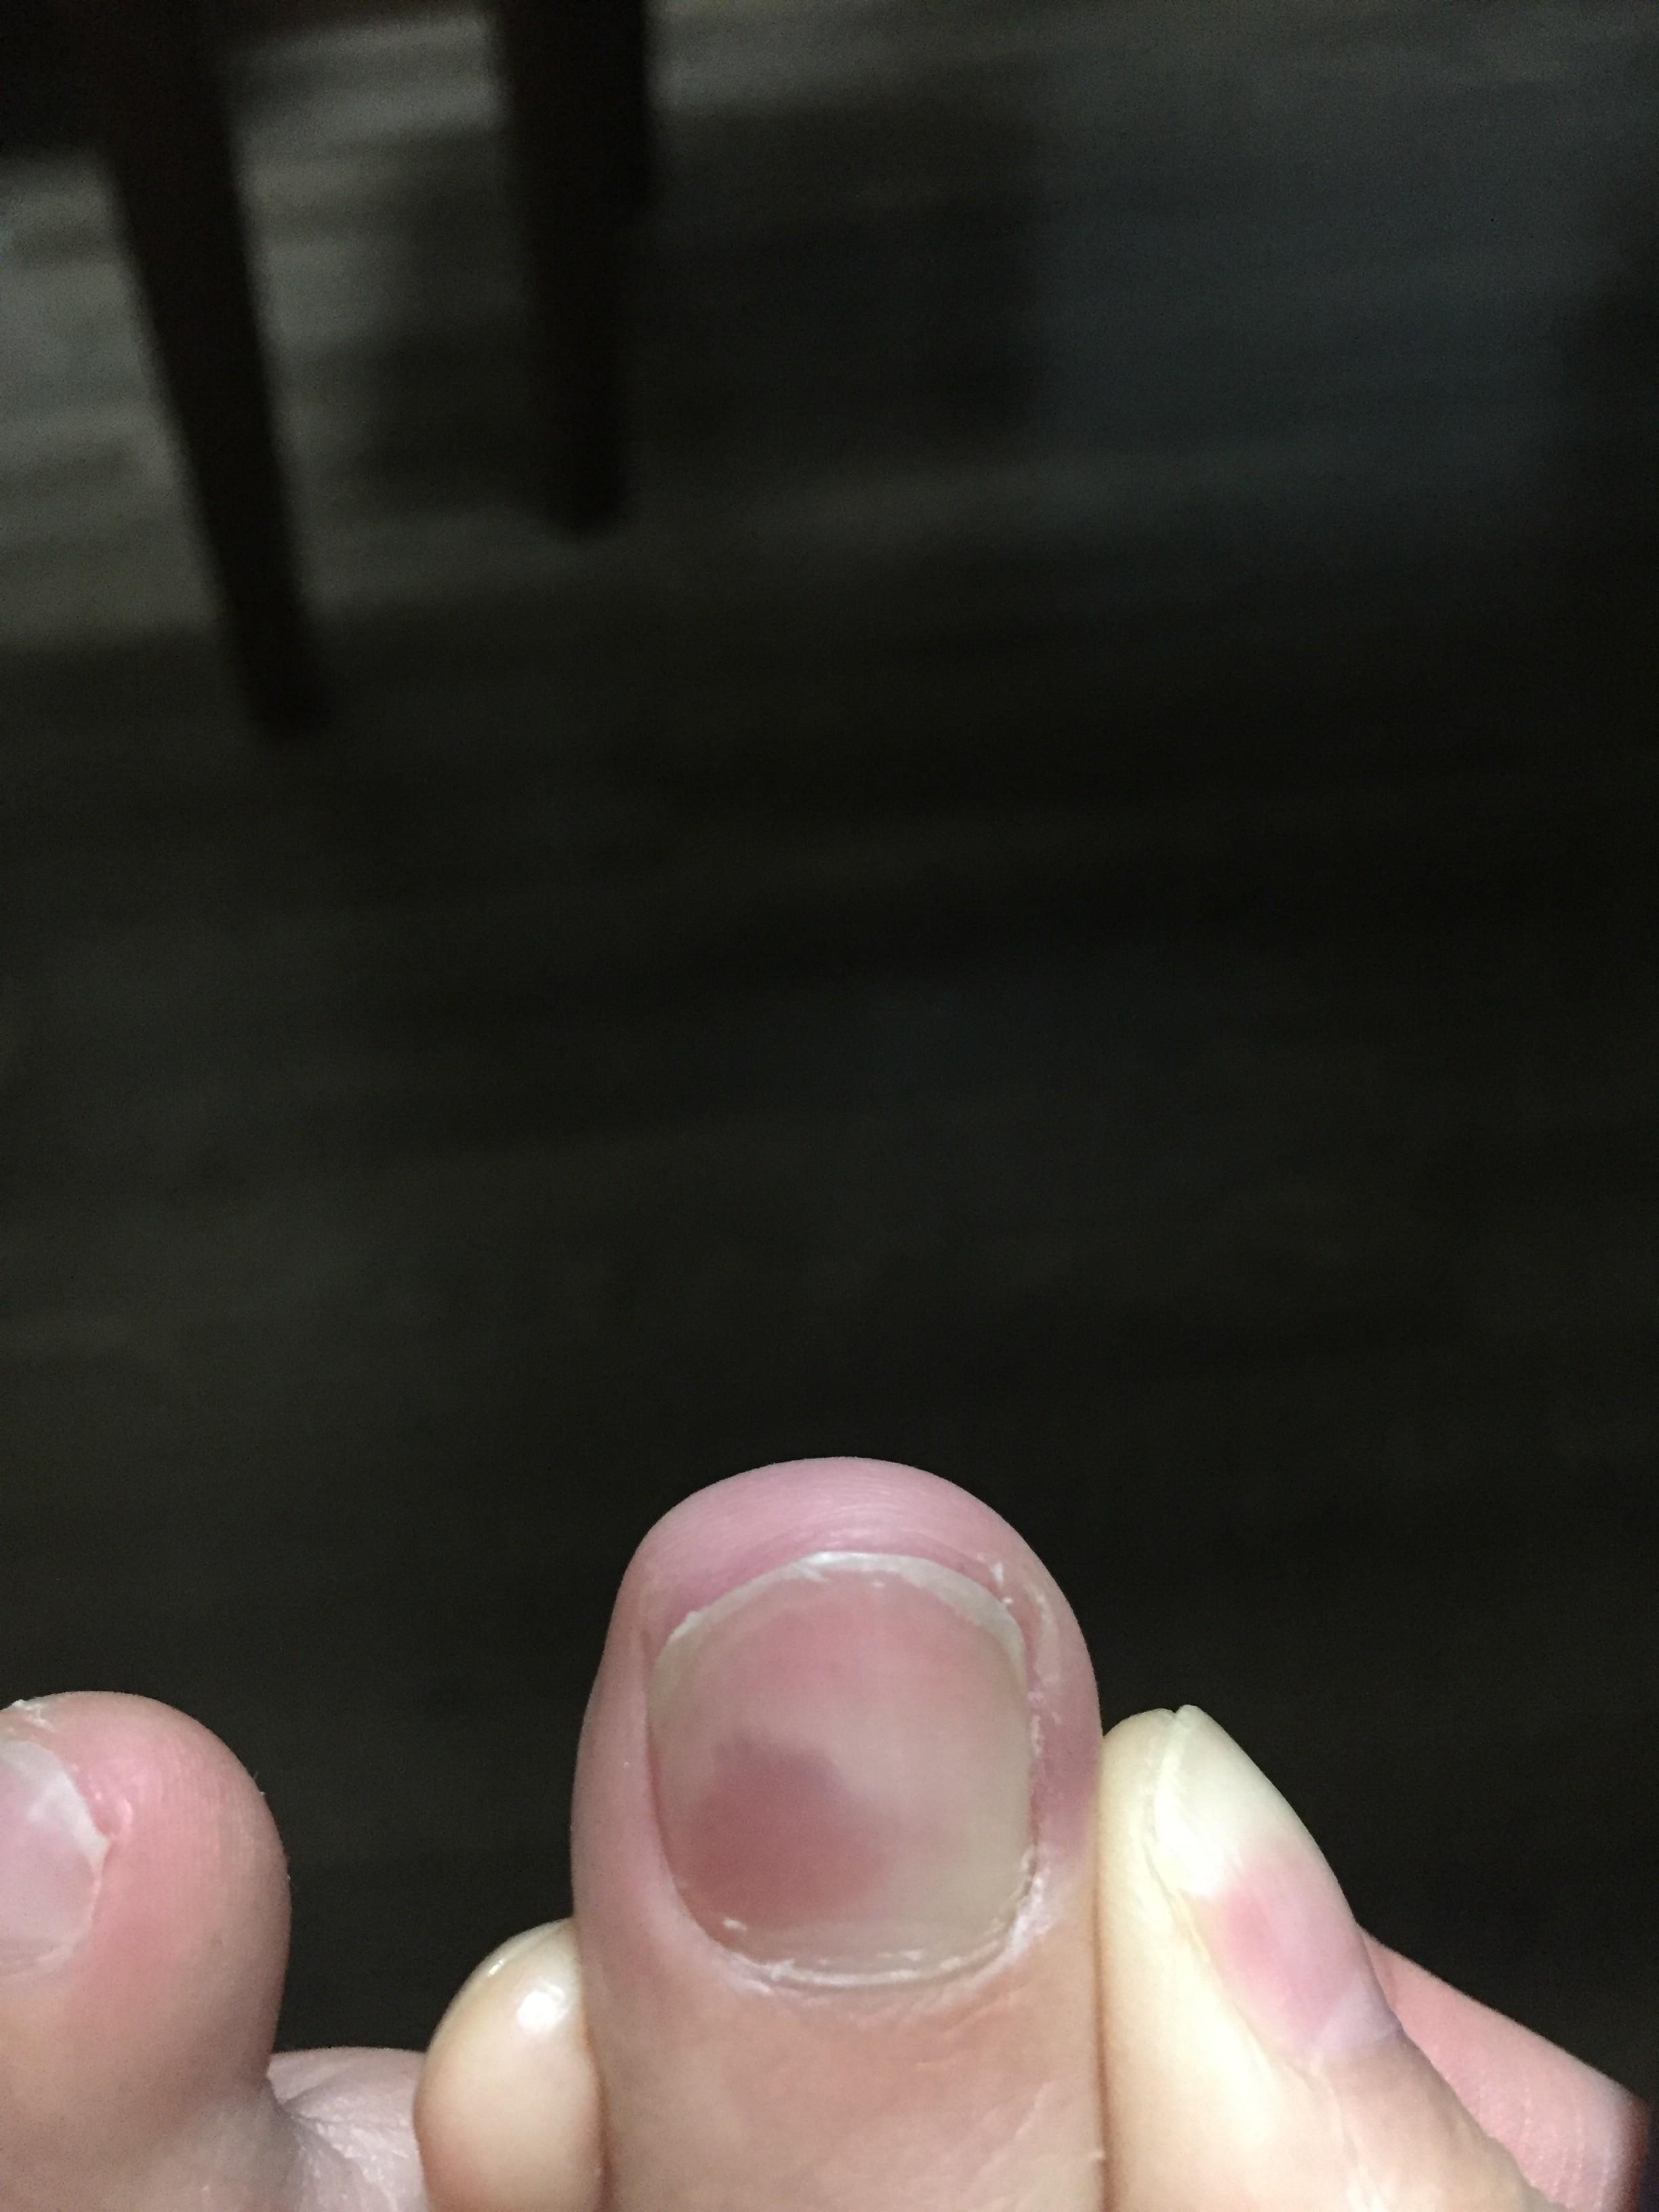 剥がれ 足 の た の 爪 が 親指